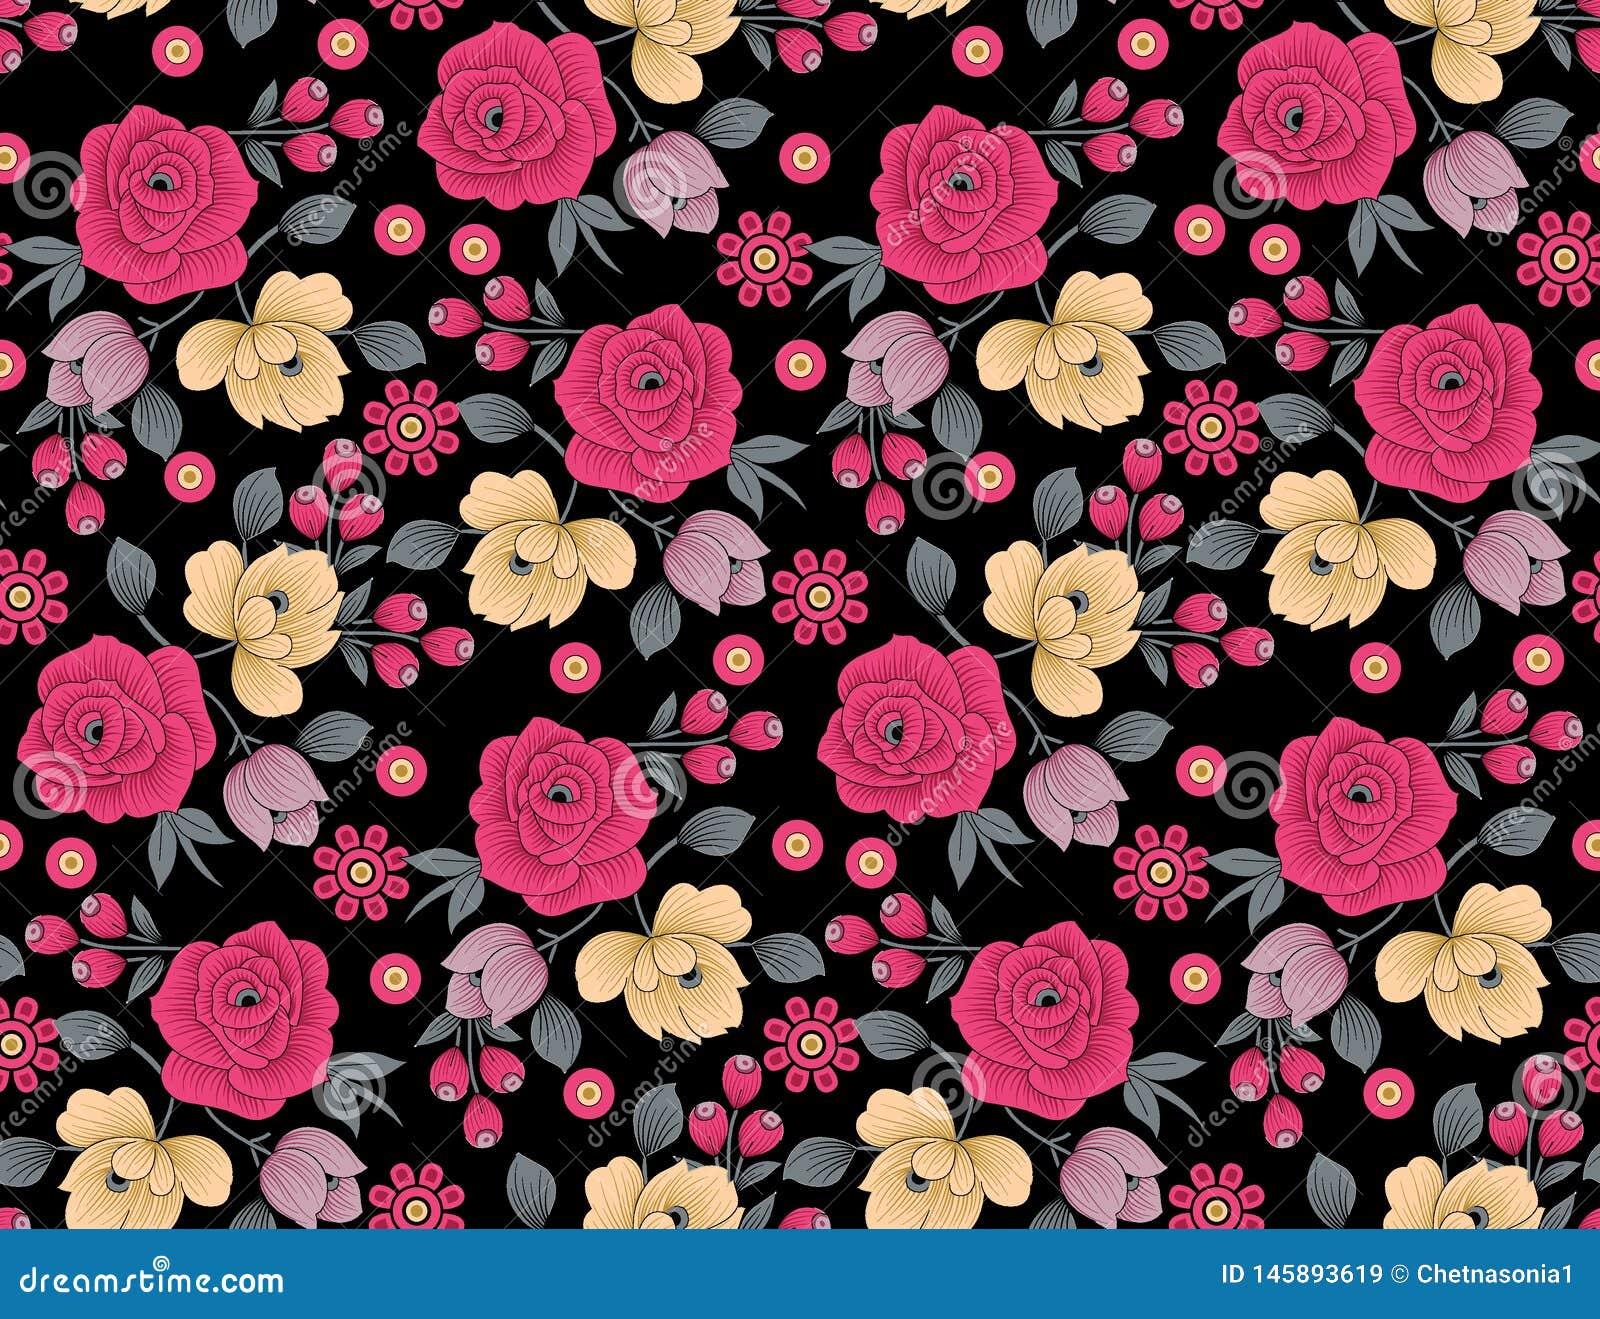 Teste padr?o de flor floral sem emenda com fundo preto